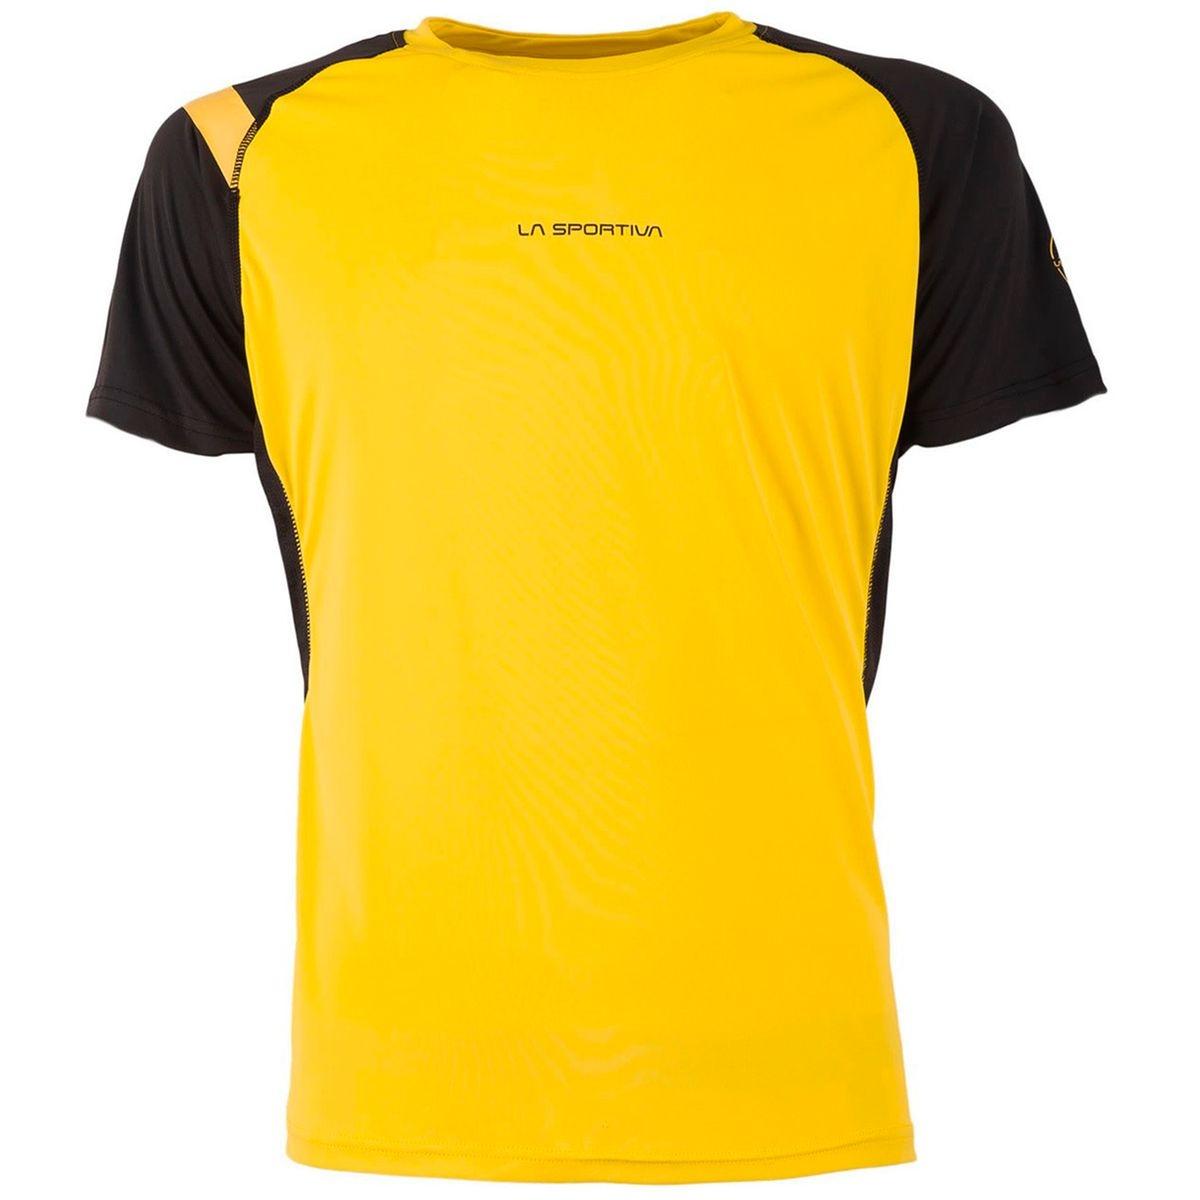 Motion - T-shirt manches courtes - jaune/noir